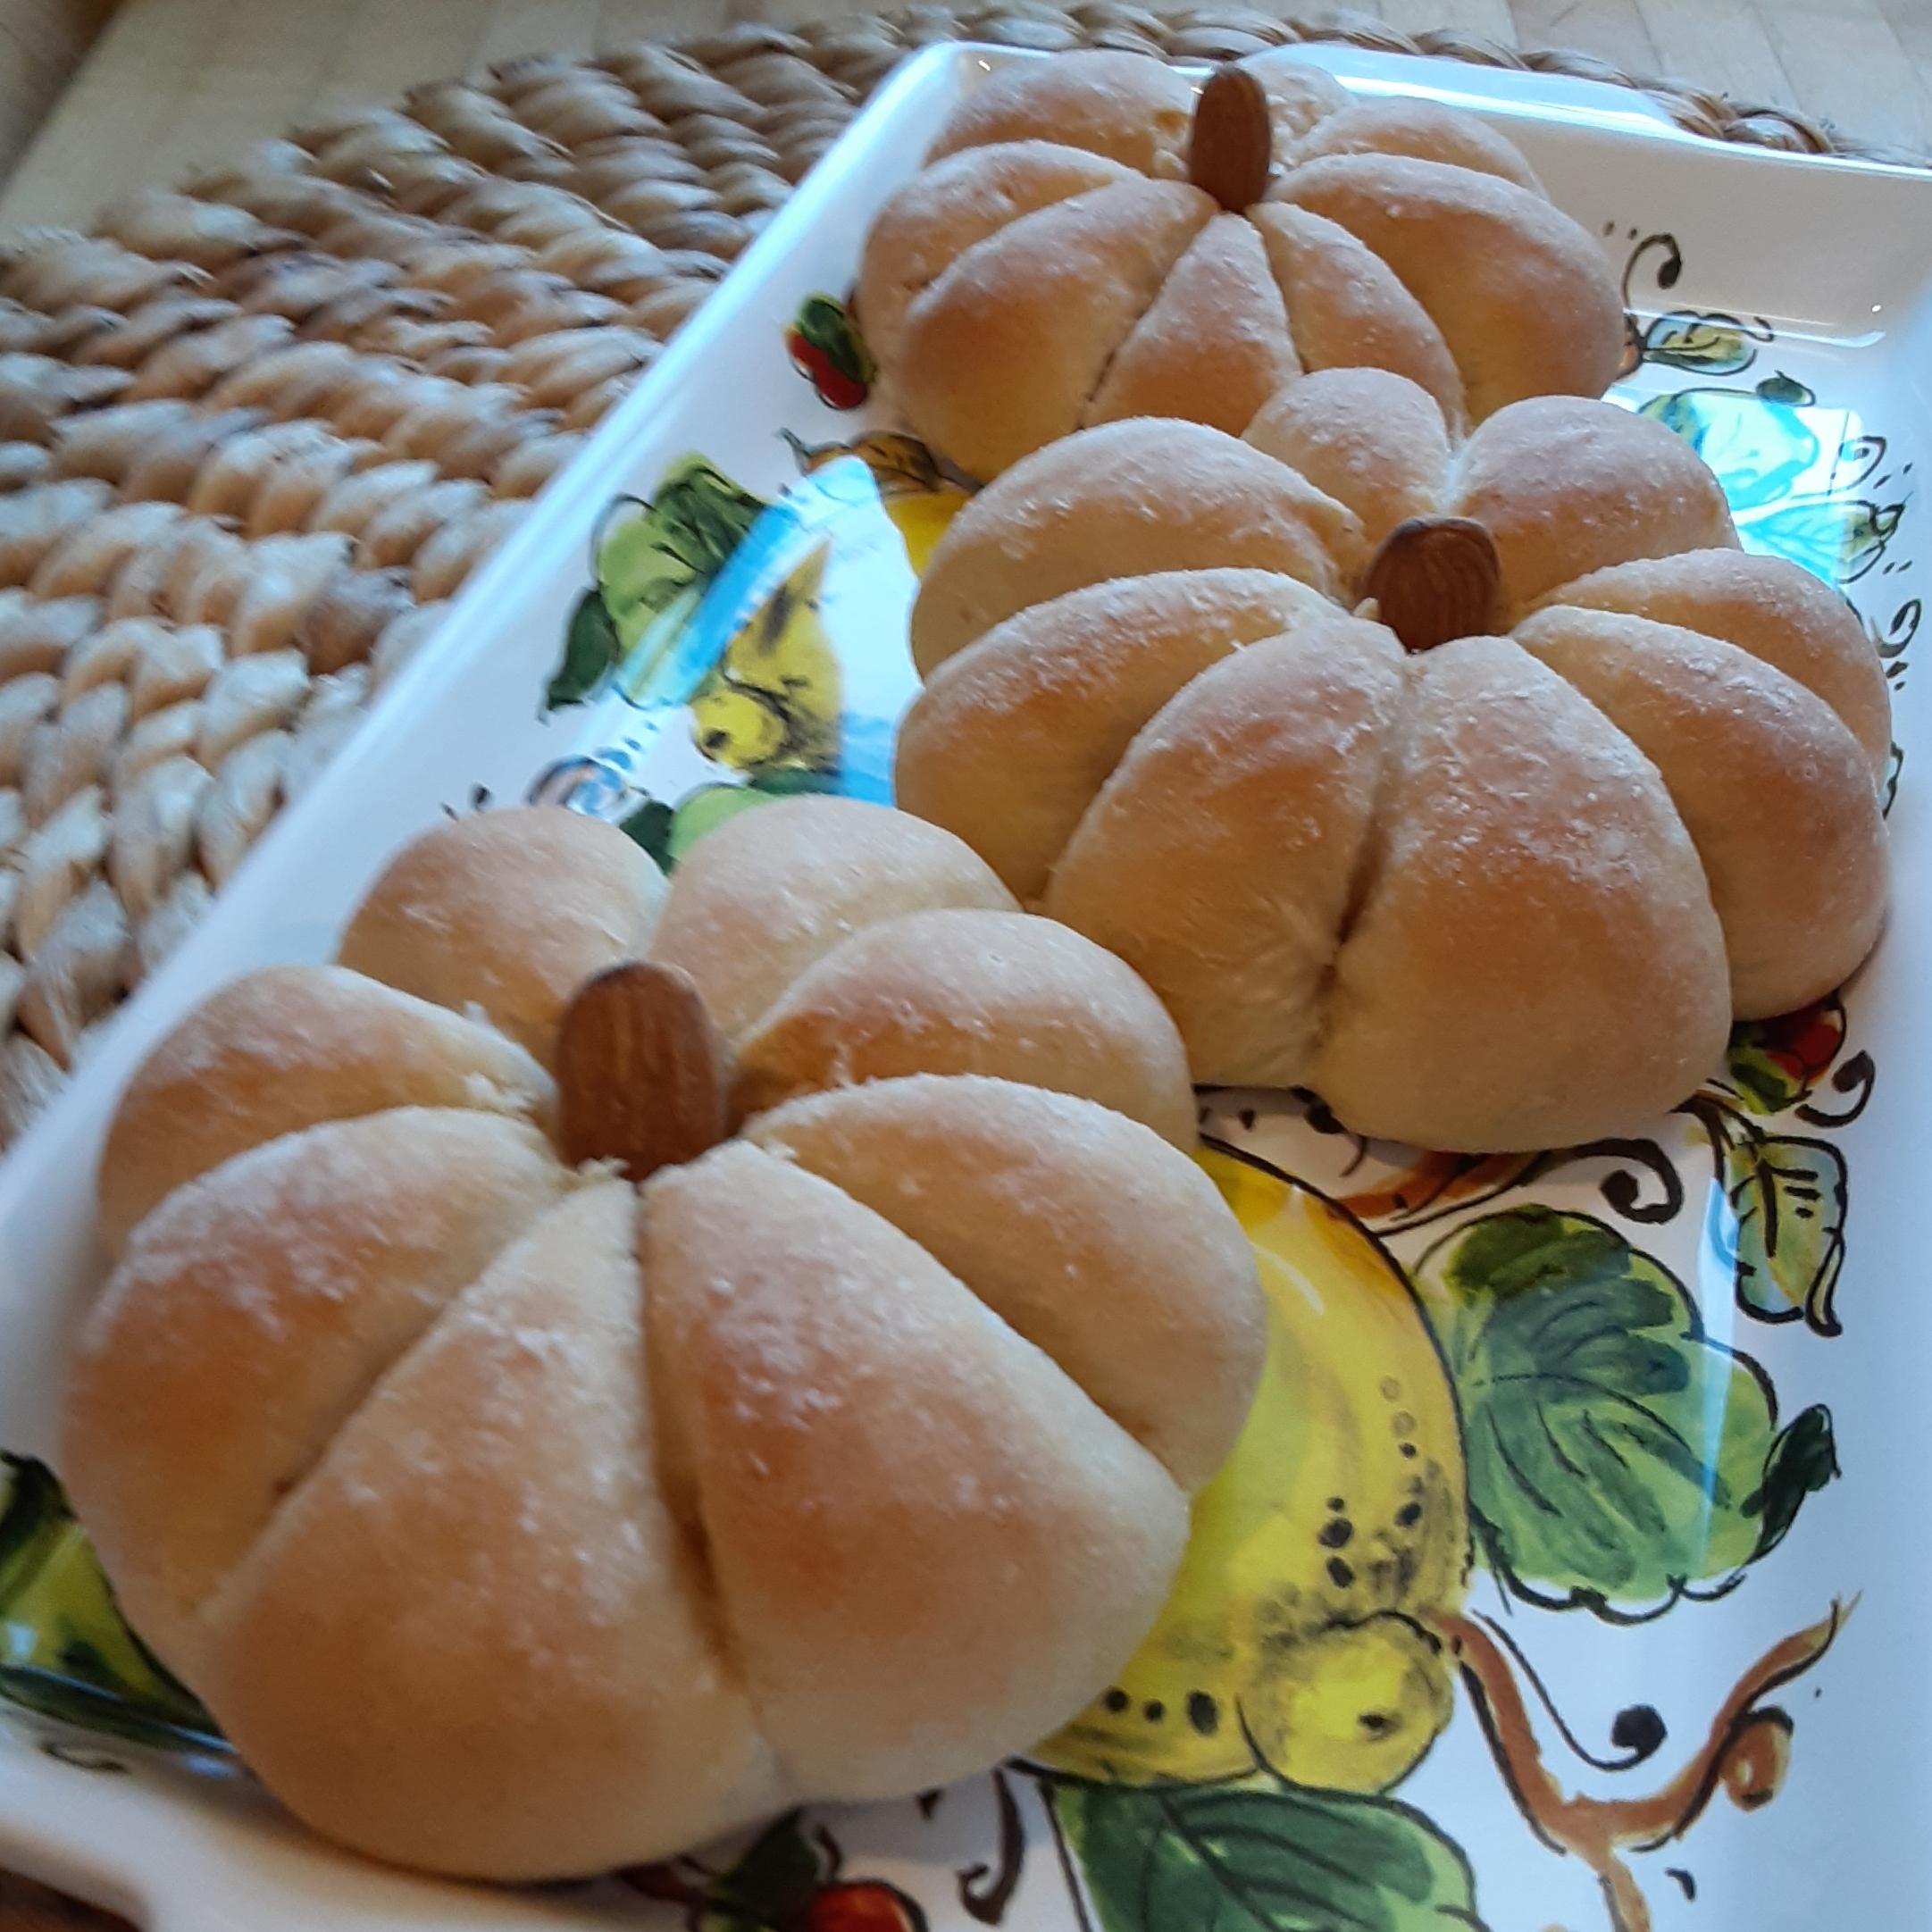 Pumpkin-Shaped Dinner Rolls